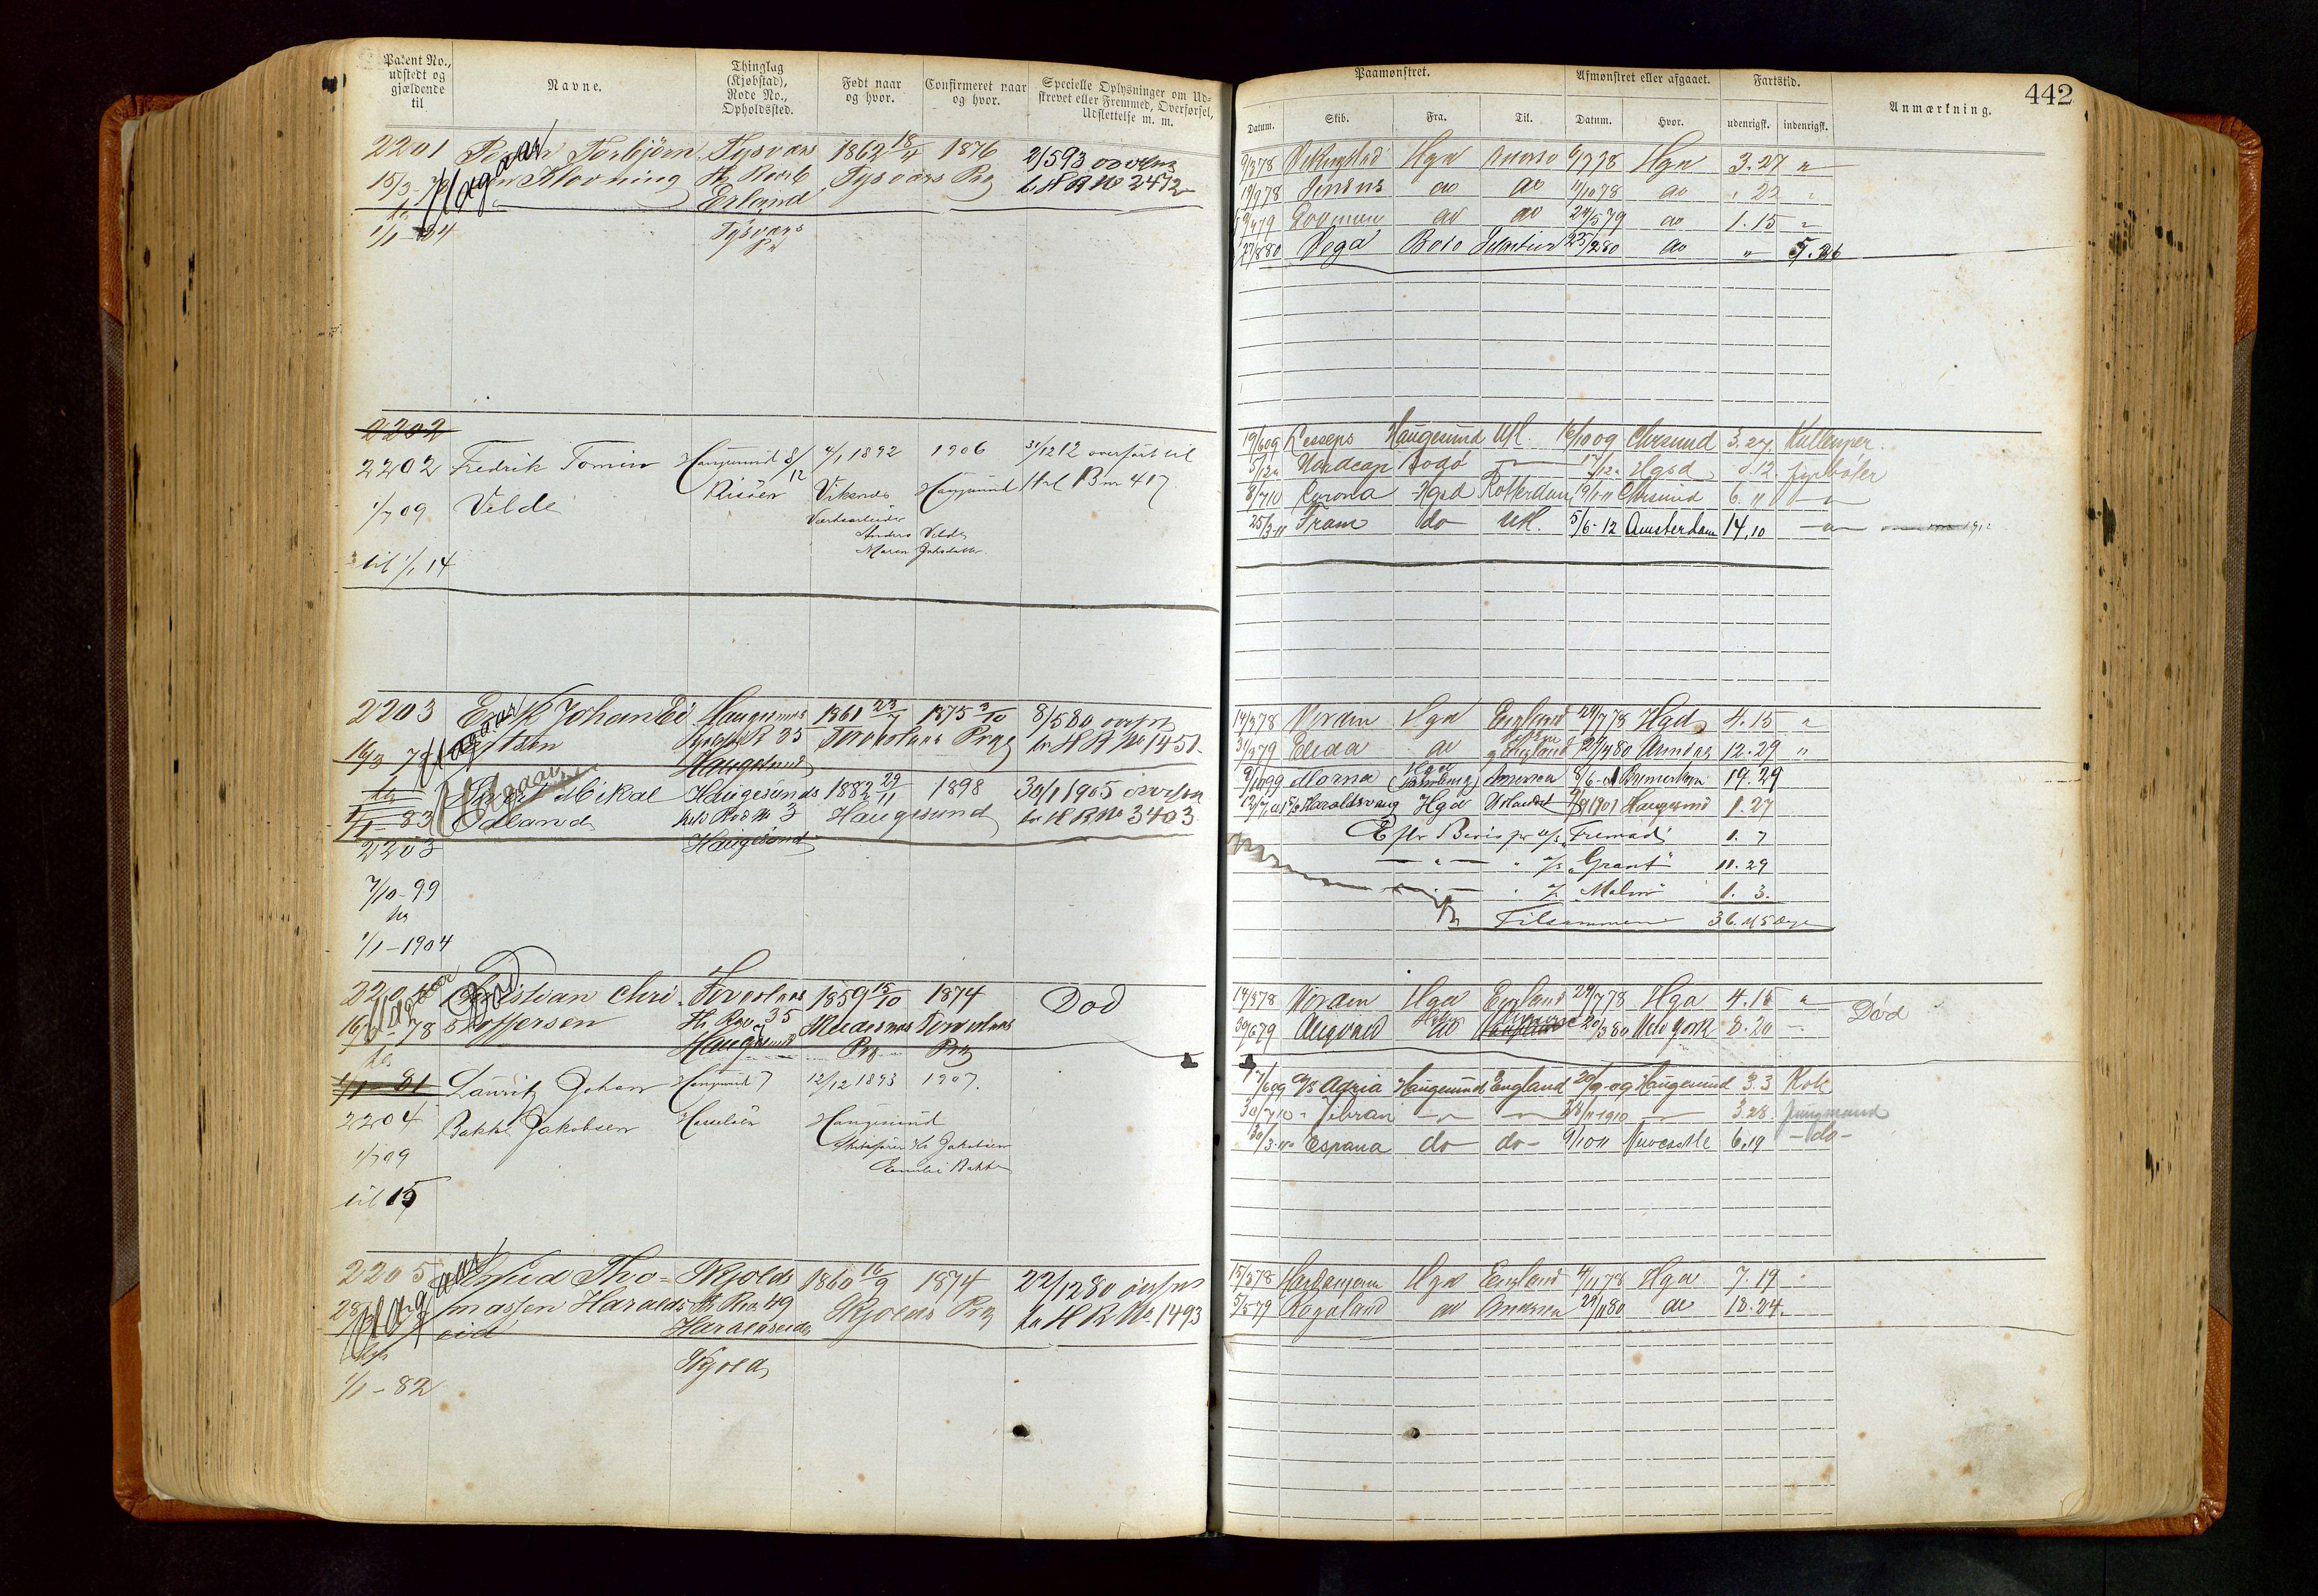 SAST, Haugesund sjømannskontor, F/Ff/L0004: Sjøfartsrulle Haugesund krets nr. 1 - 3586, 1868-1948, s. 442